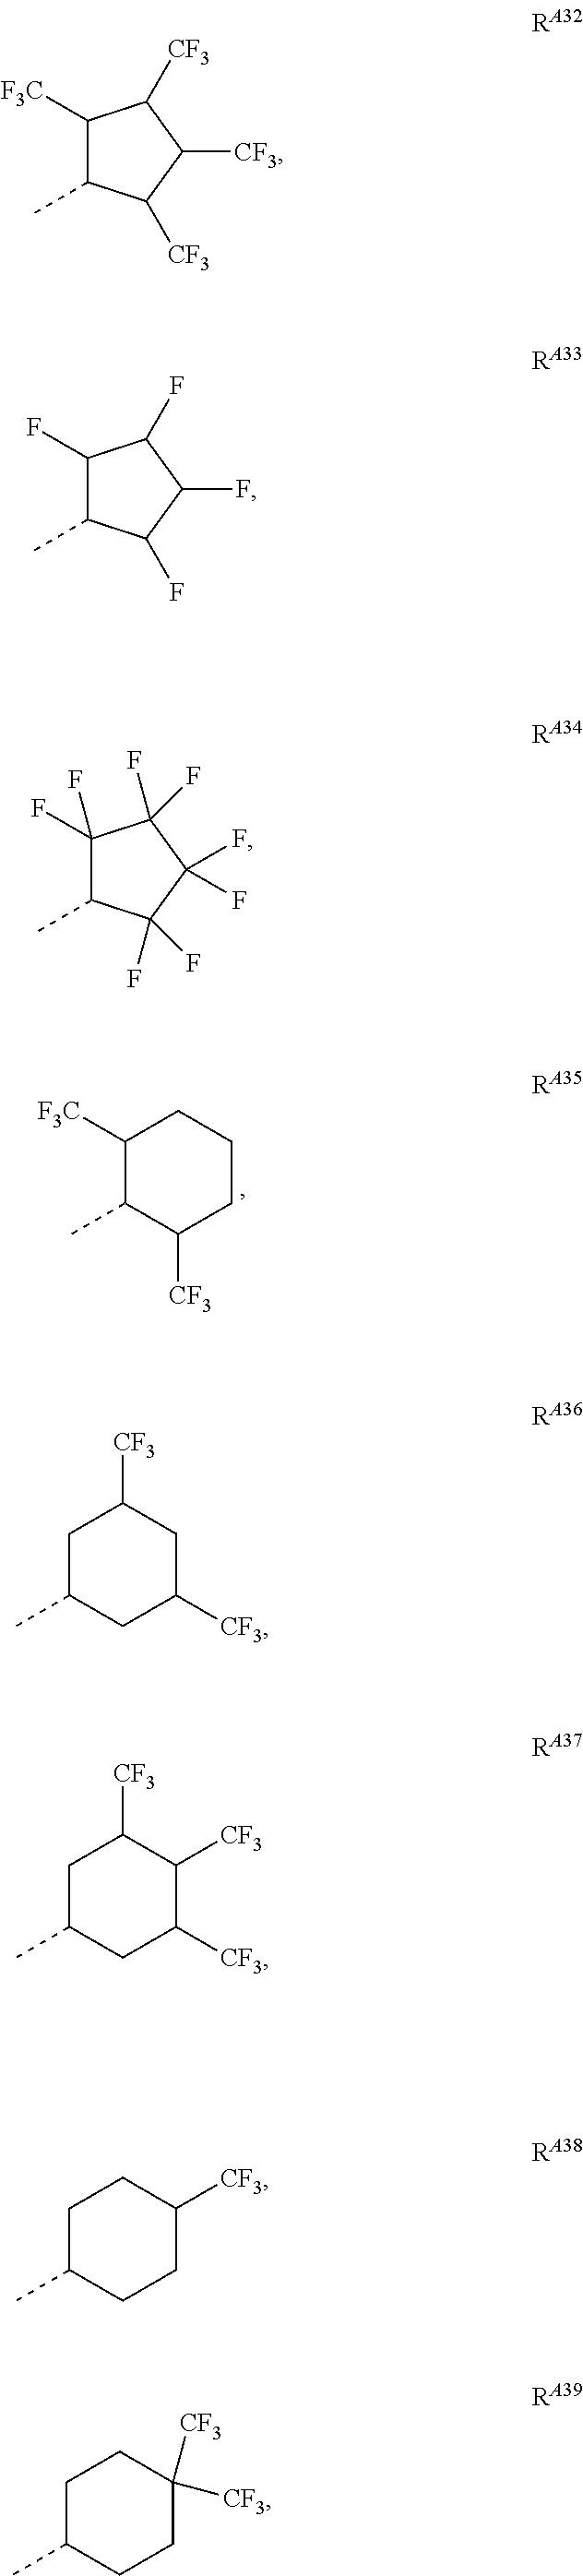 Figure US09859510-20180102-C00139